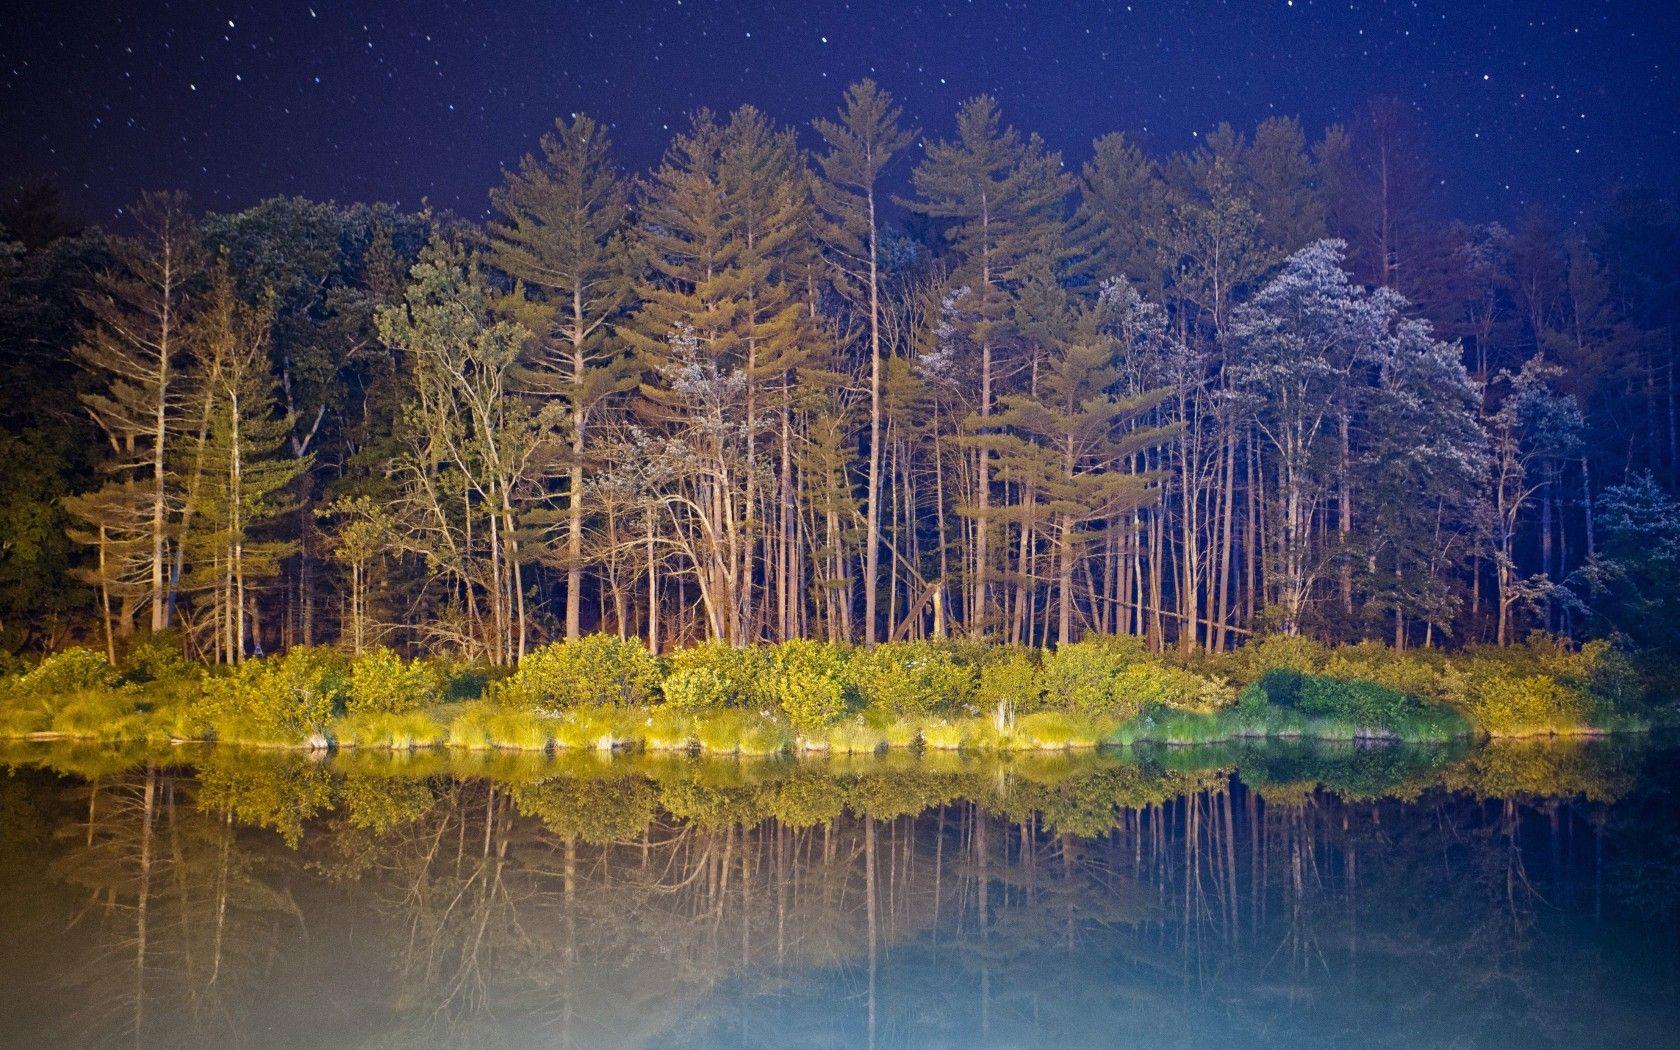 Скачать обои ночь, звезды, свет, небо, деревья, раздел пейзажи в разрешении 3966x2644